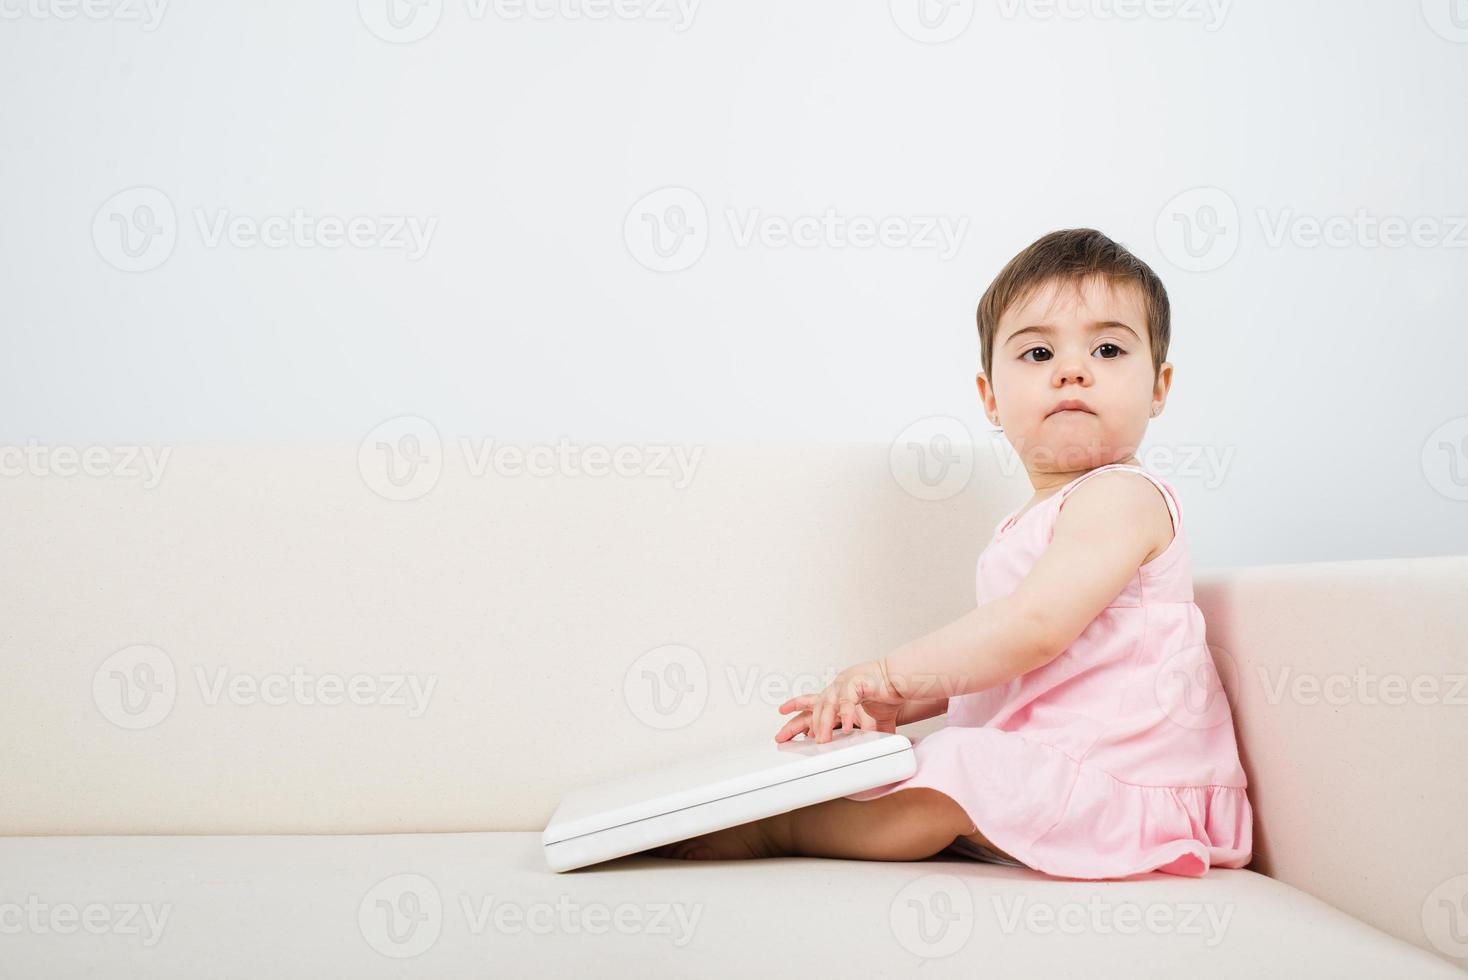 junges Baby sitzen und mit einem Laptop wegsehen foto